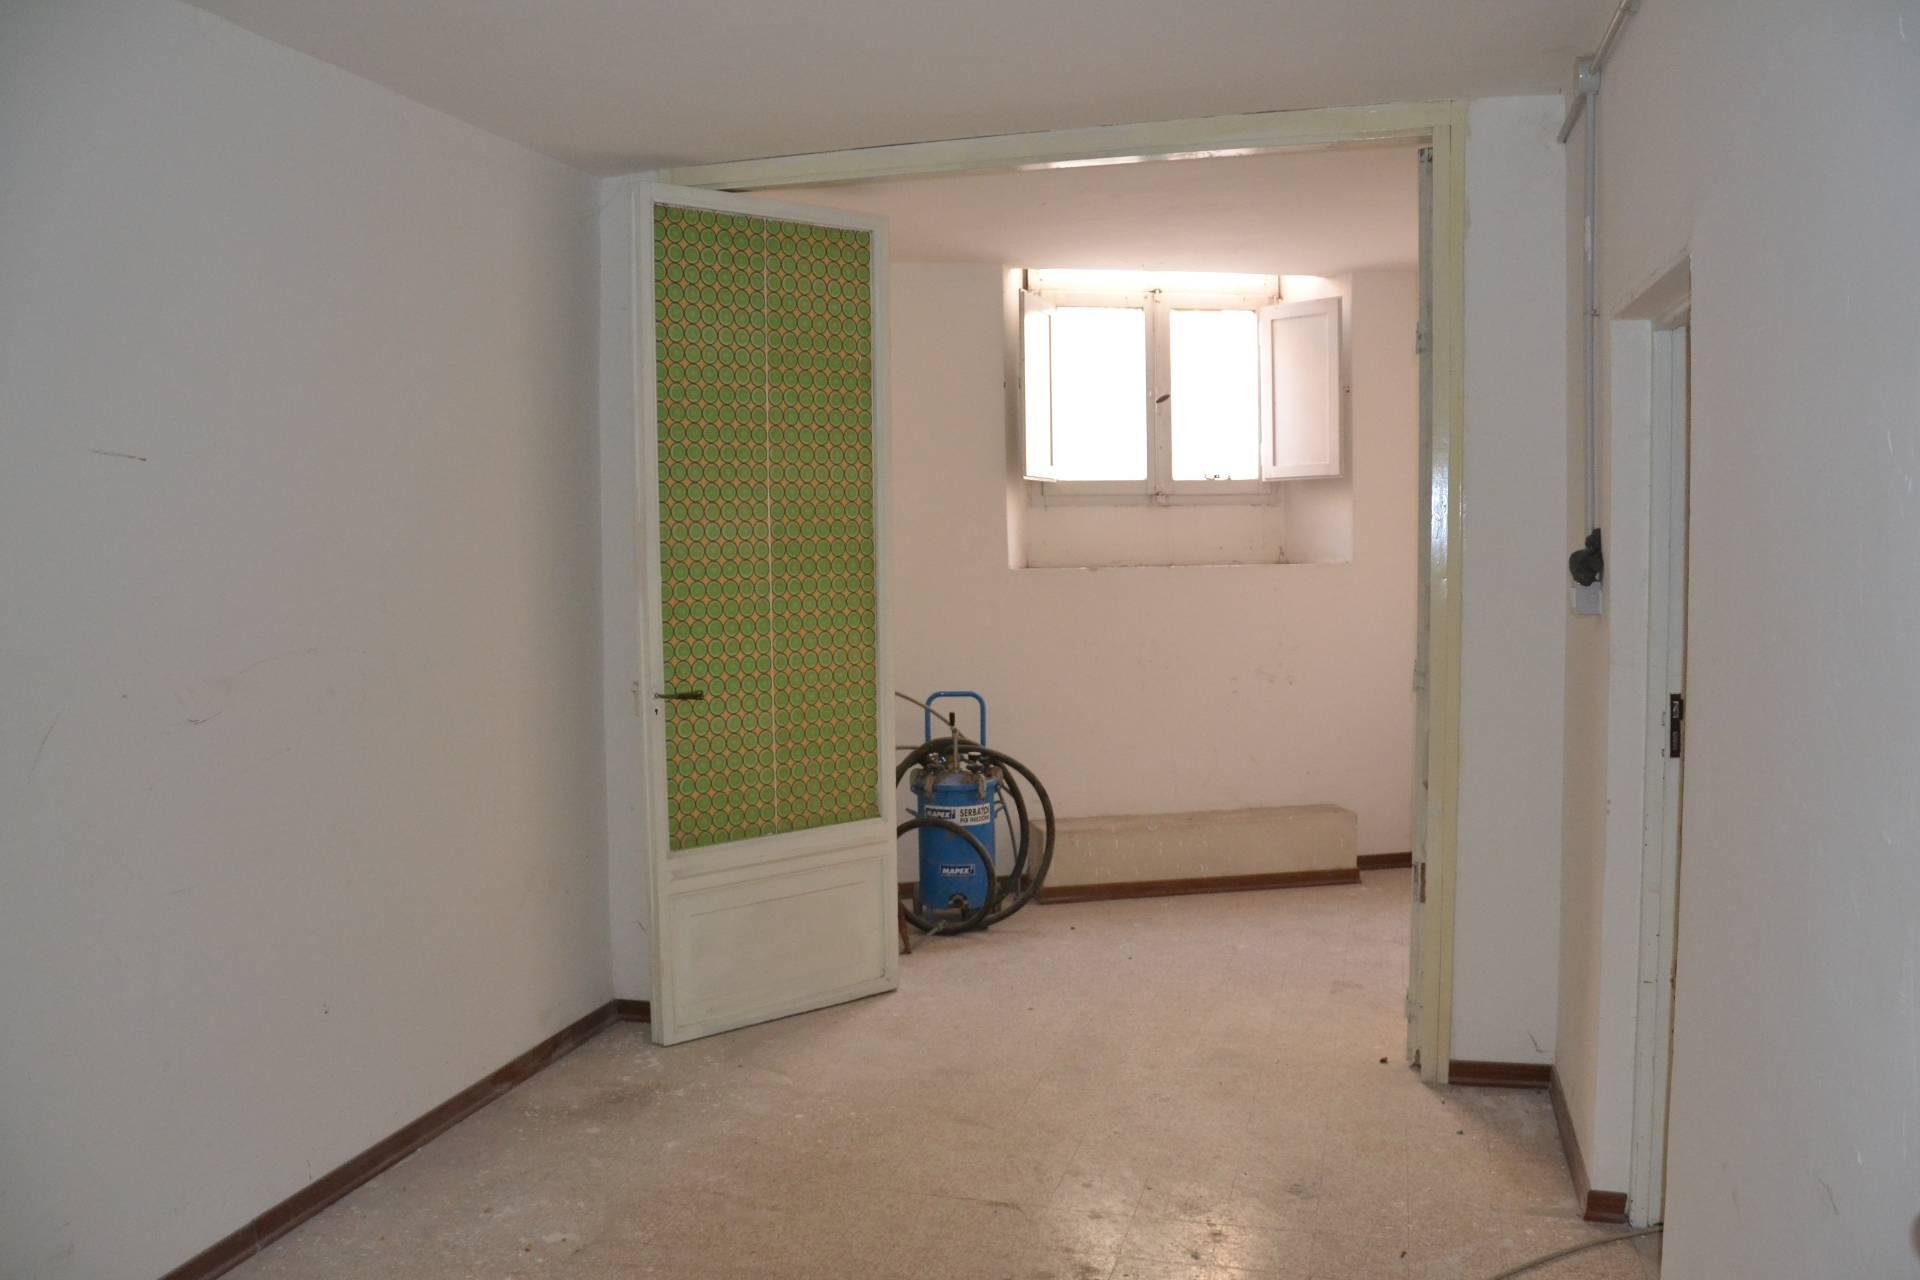 Ufficio / Studio in vendita a Fabriano, 9999 locali, zona Località: CENTROSTORICO, Trattative riservate   Cambio Casa.it